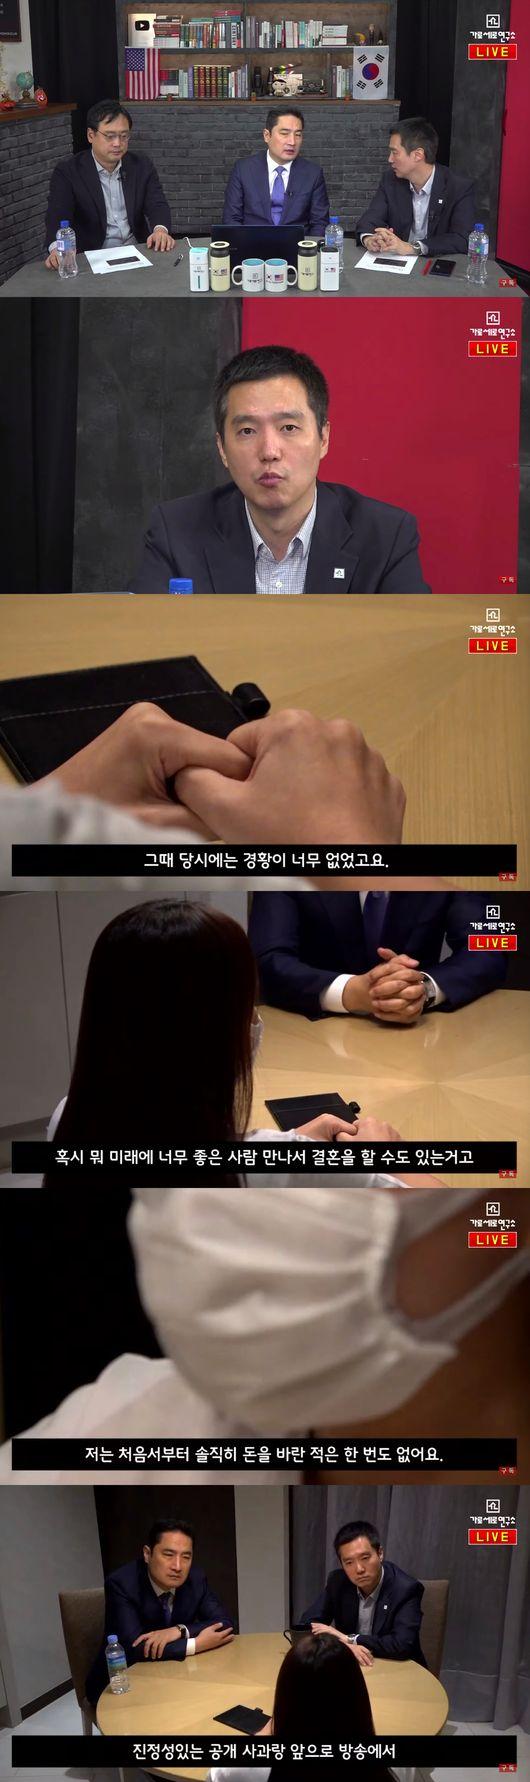 김건모 성폭행 주장 여성